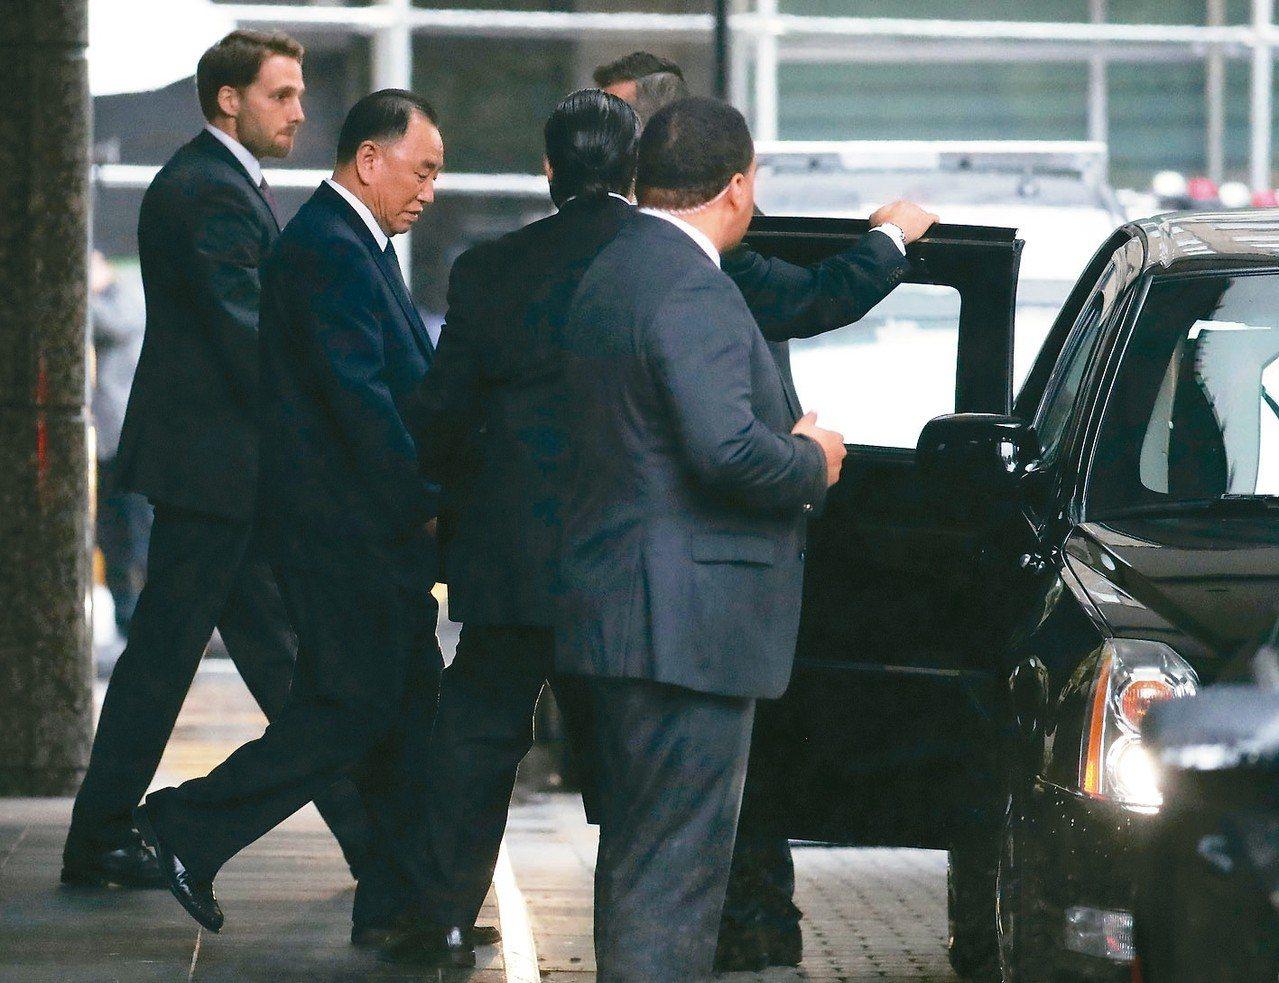 北韓勞動黨中央委員會副委員長金英哲(左二)在紐約會晤美國國務卿龐培歐之後搭車離開...